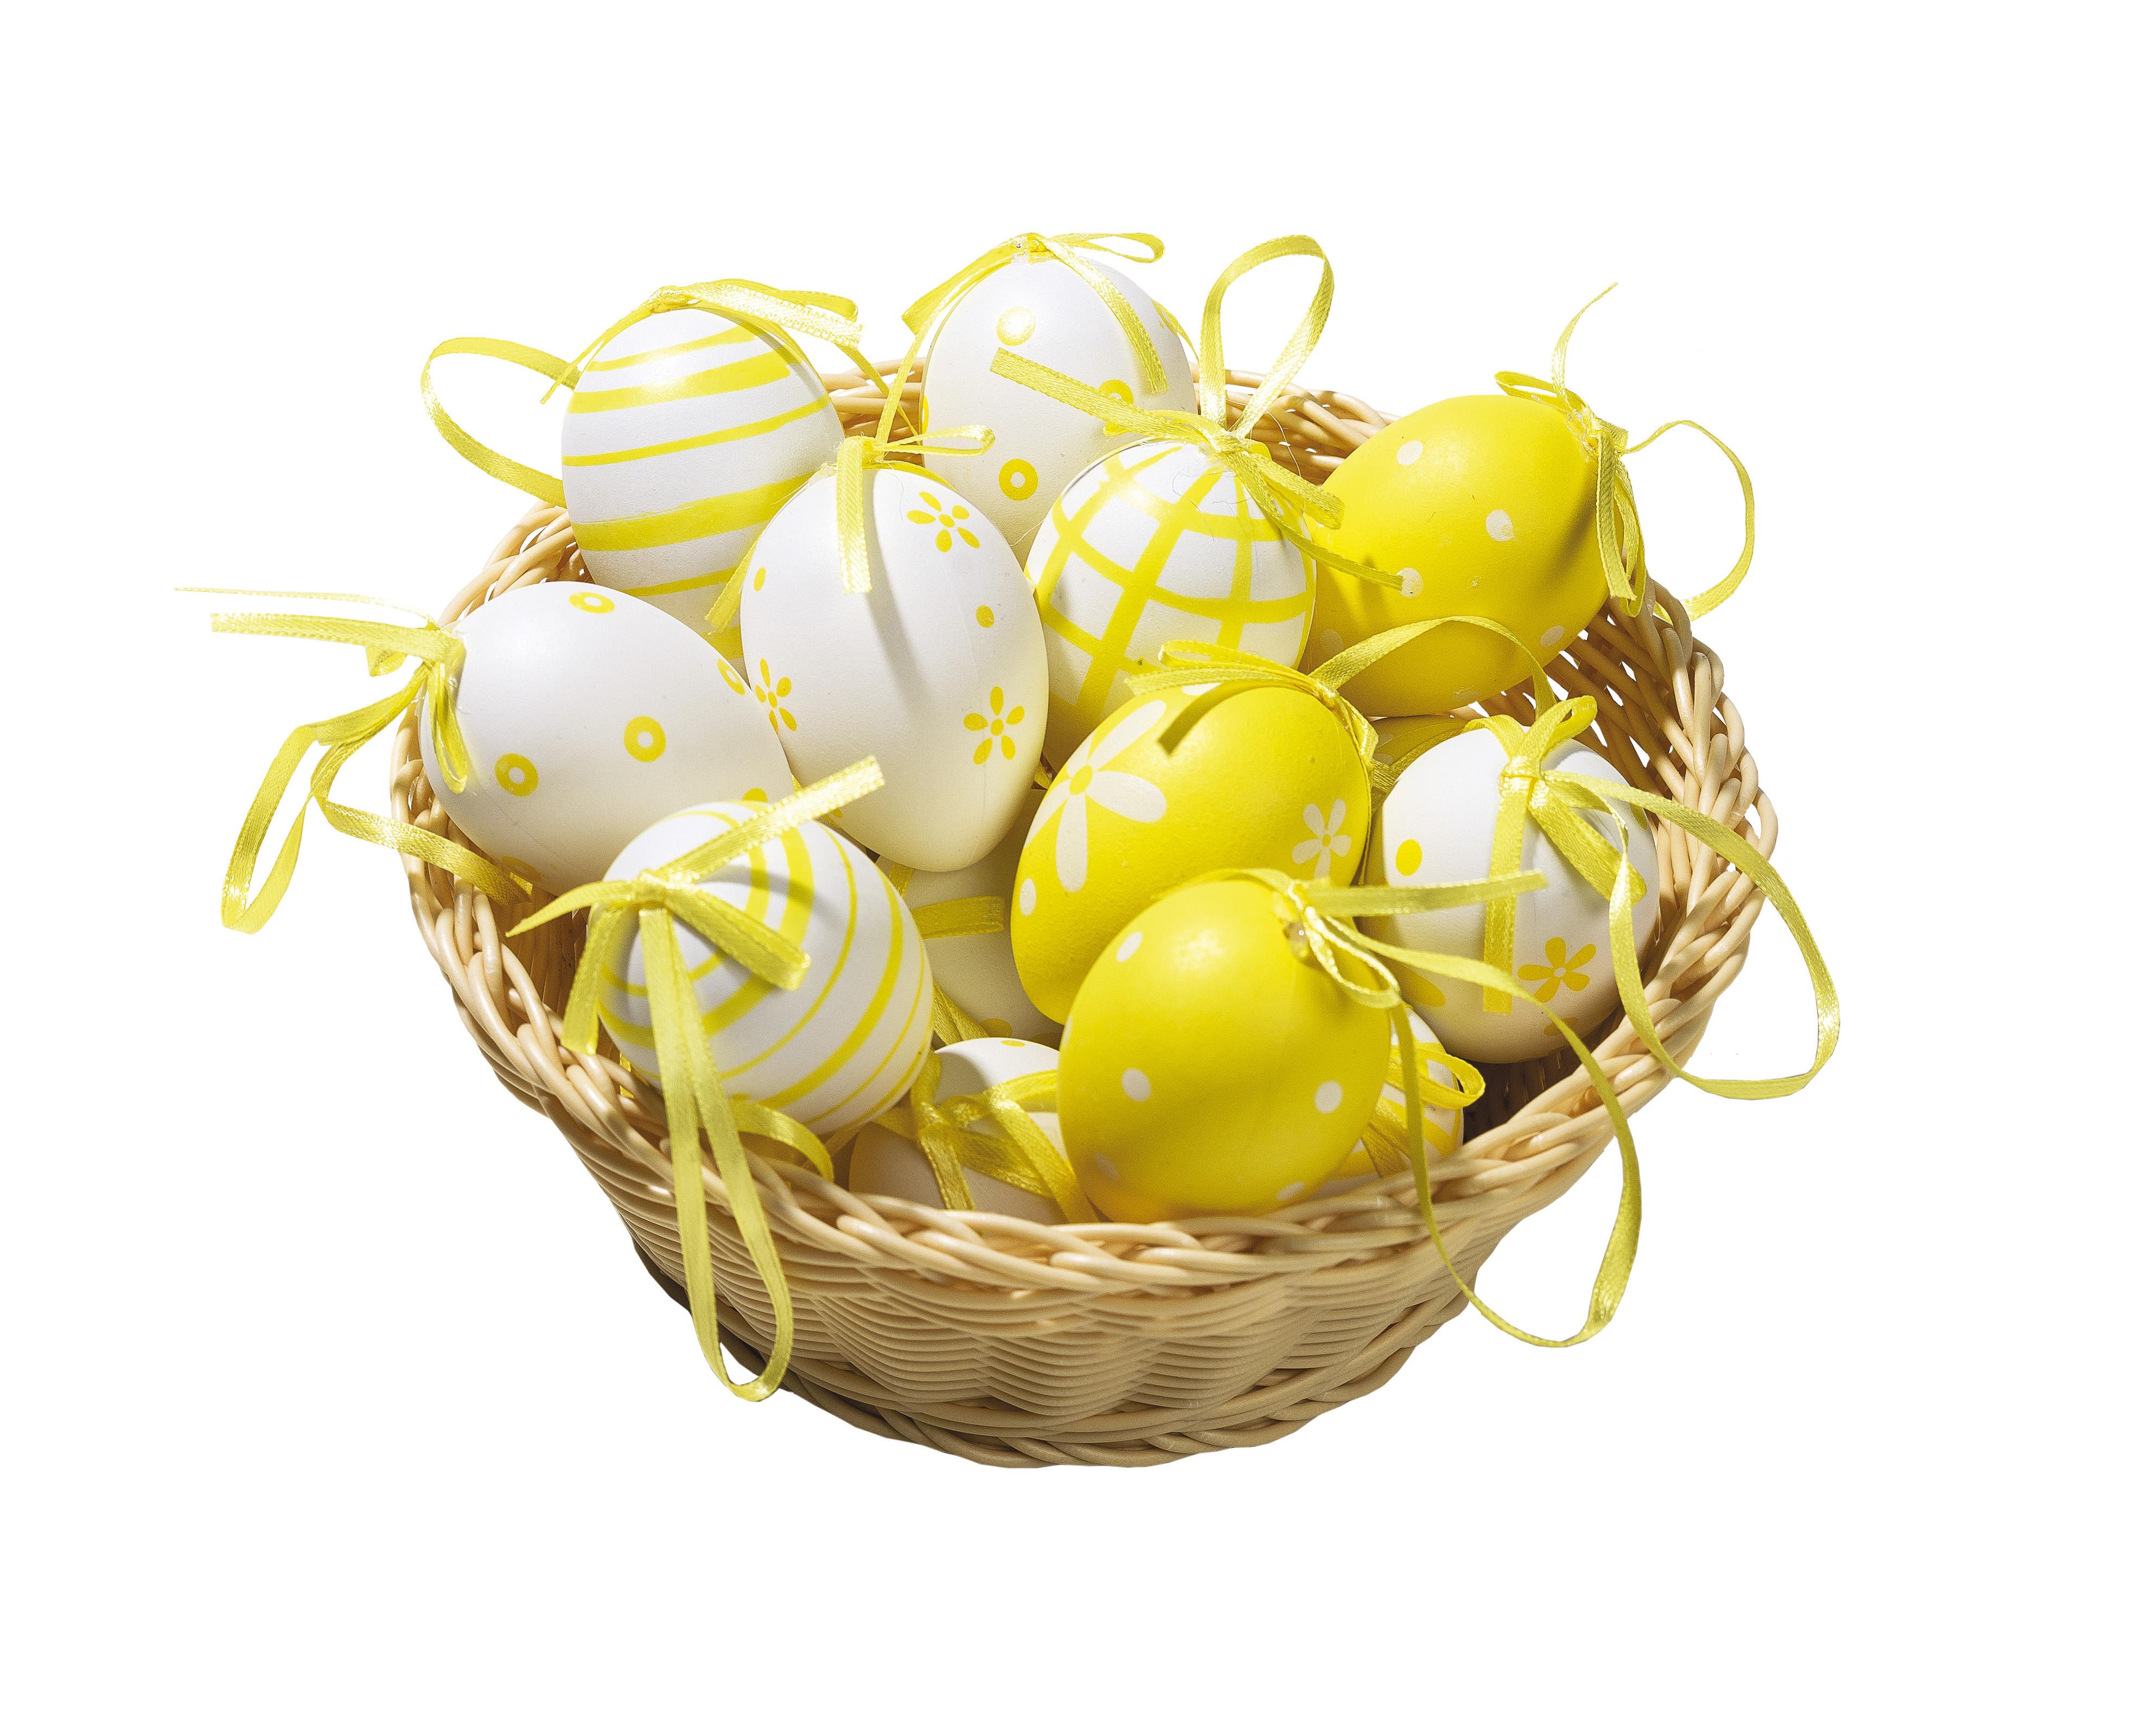 Velikonoční vajíčka, sada 18 ks, žlutá